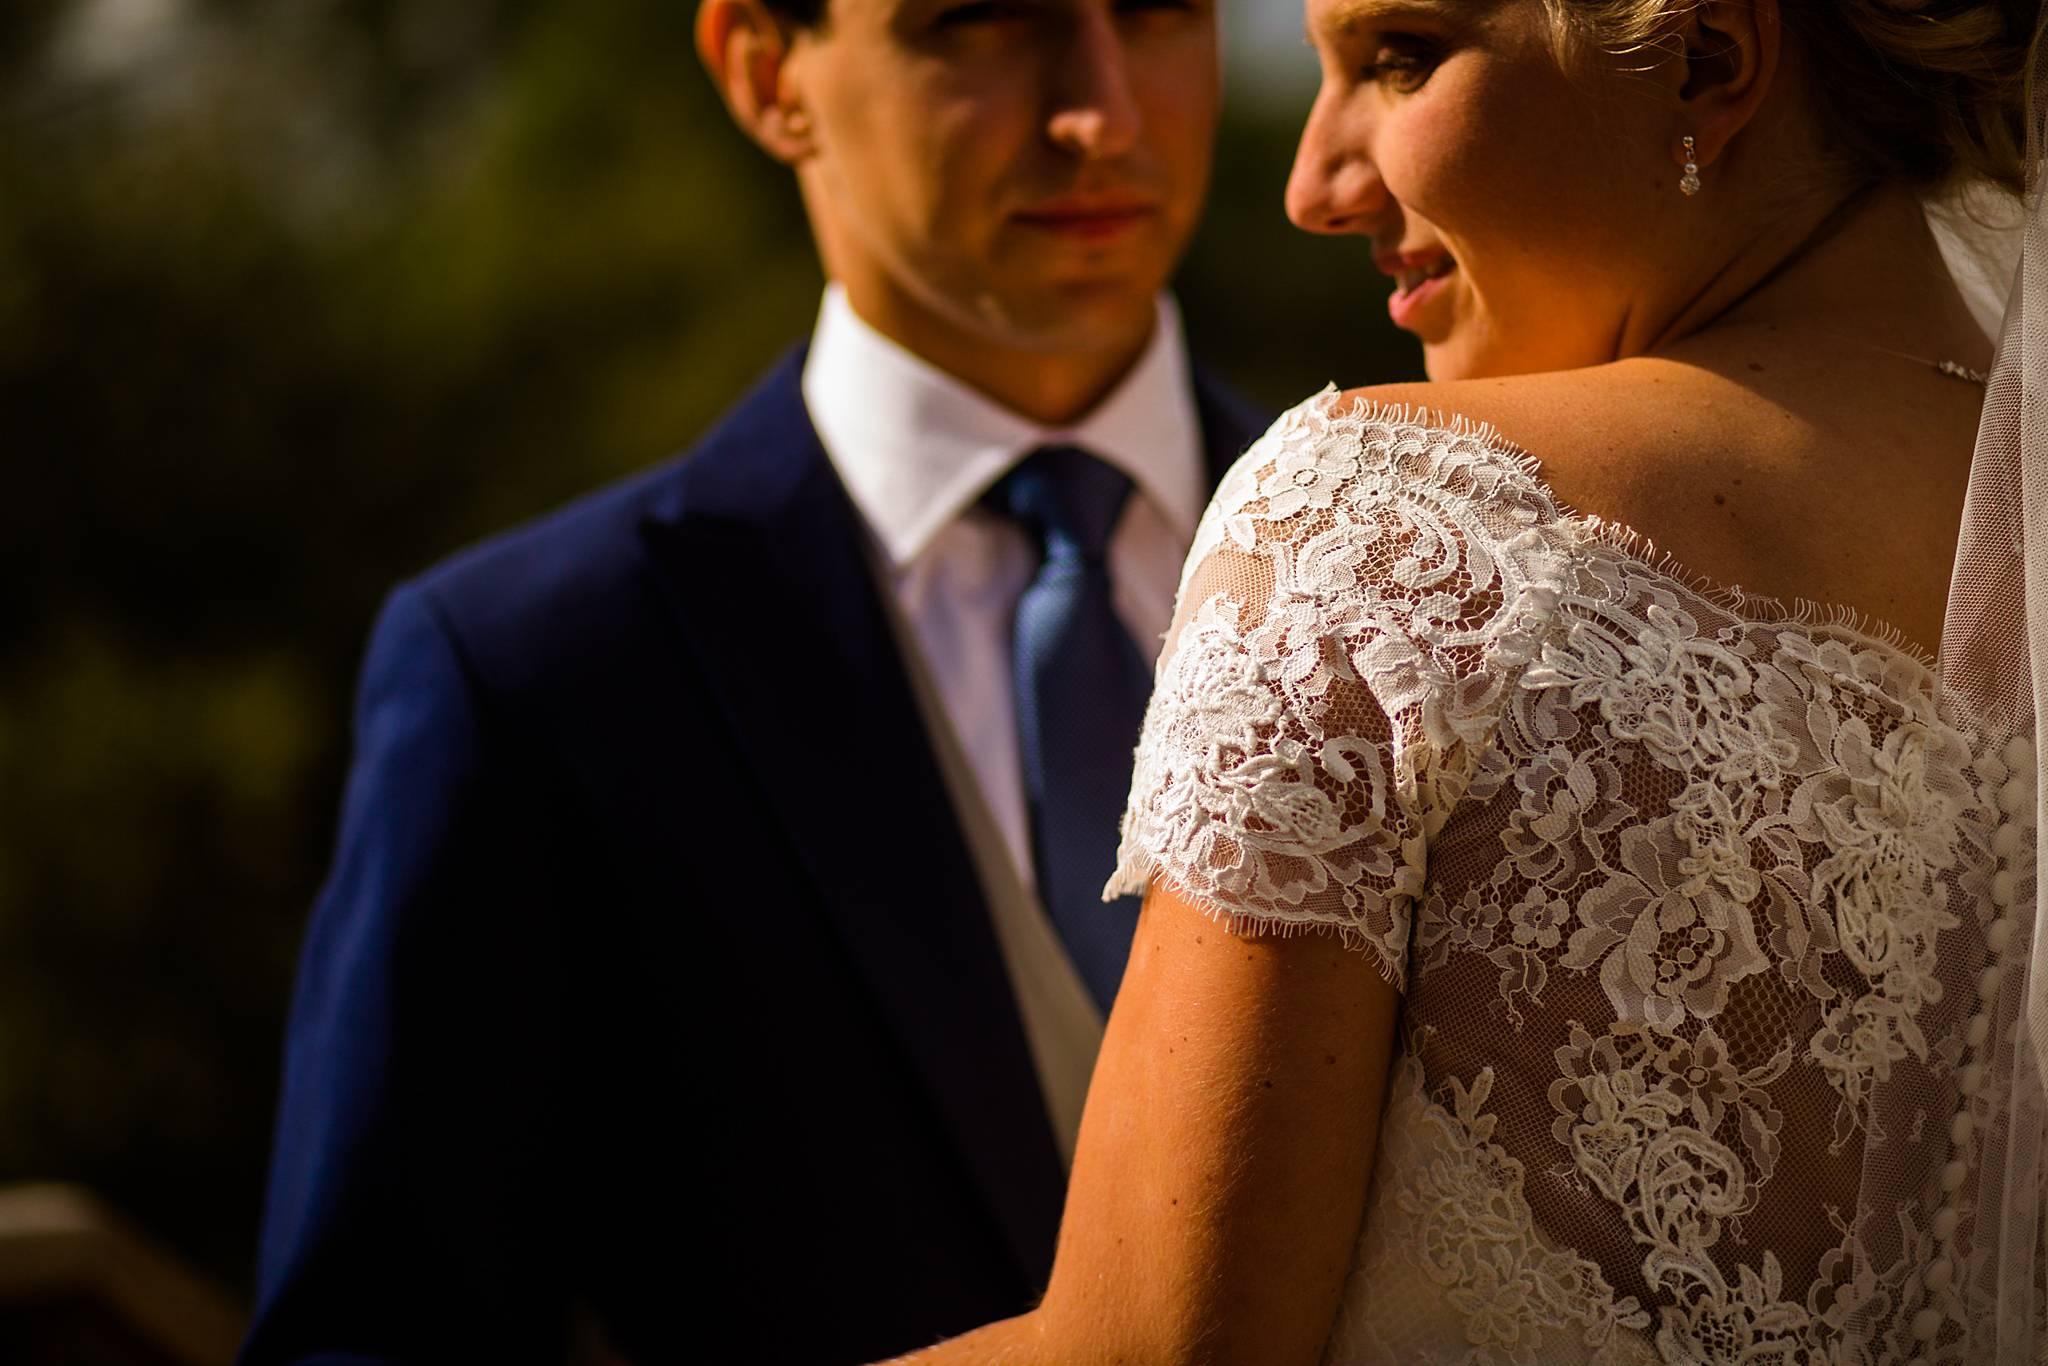 Un aperçu des photos de mariage à l'hippodrome de La Teste de Buch d'Aurore et Philippe. Photographe mariage bassin d'Arcachon.